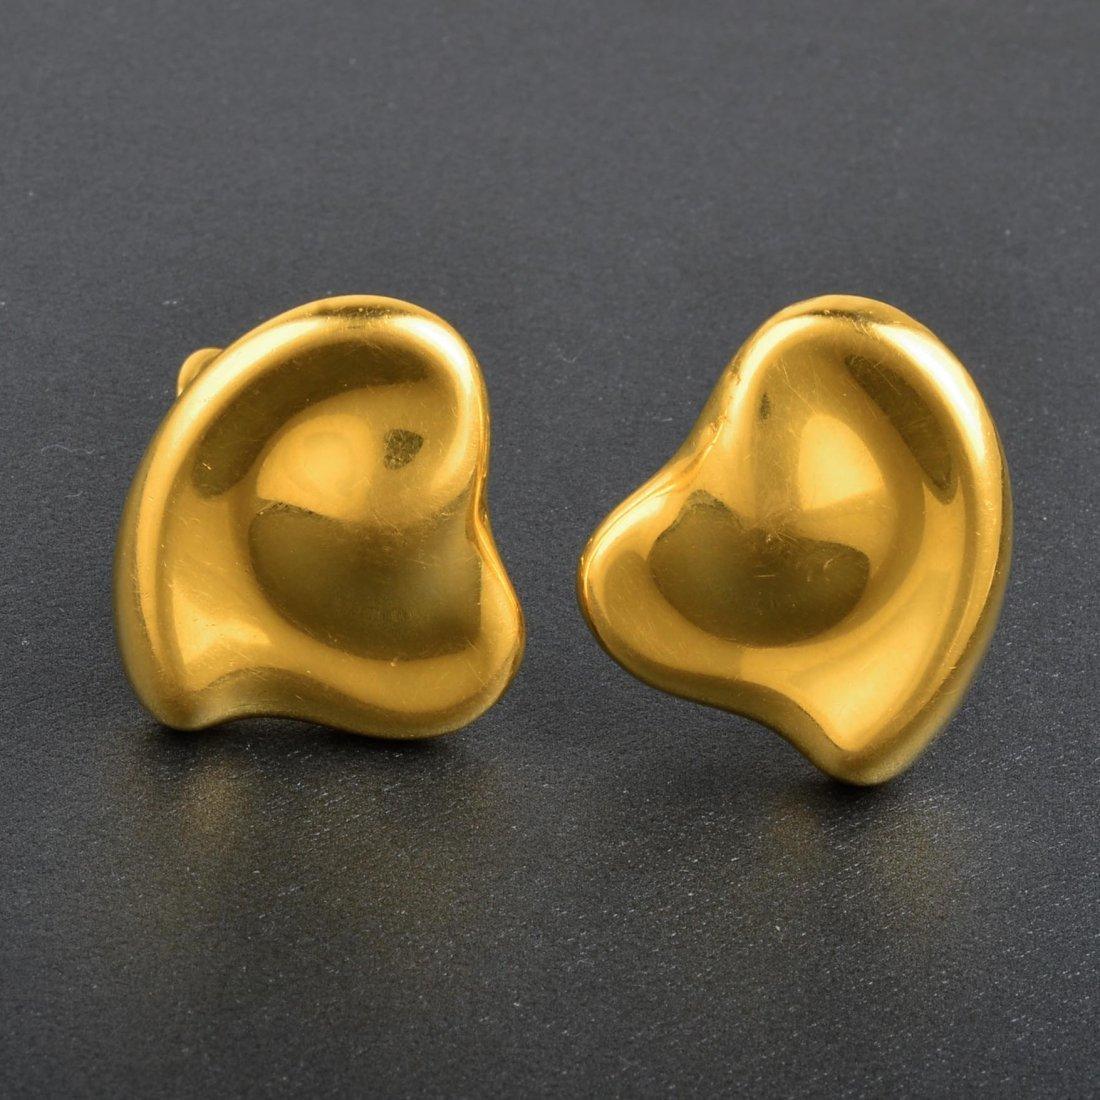 Tiffany & Co. Elsa Peretti 18K YG Kidney Bean Earrings